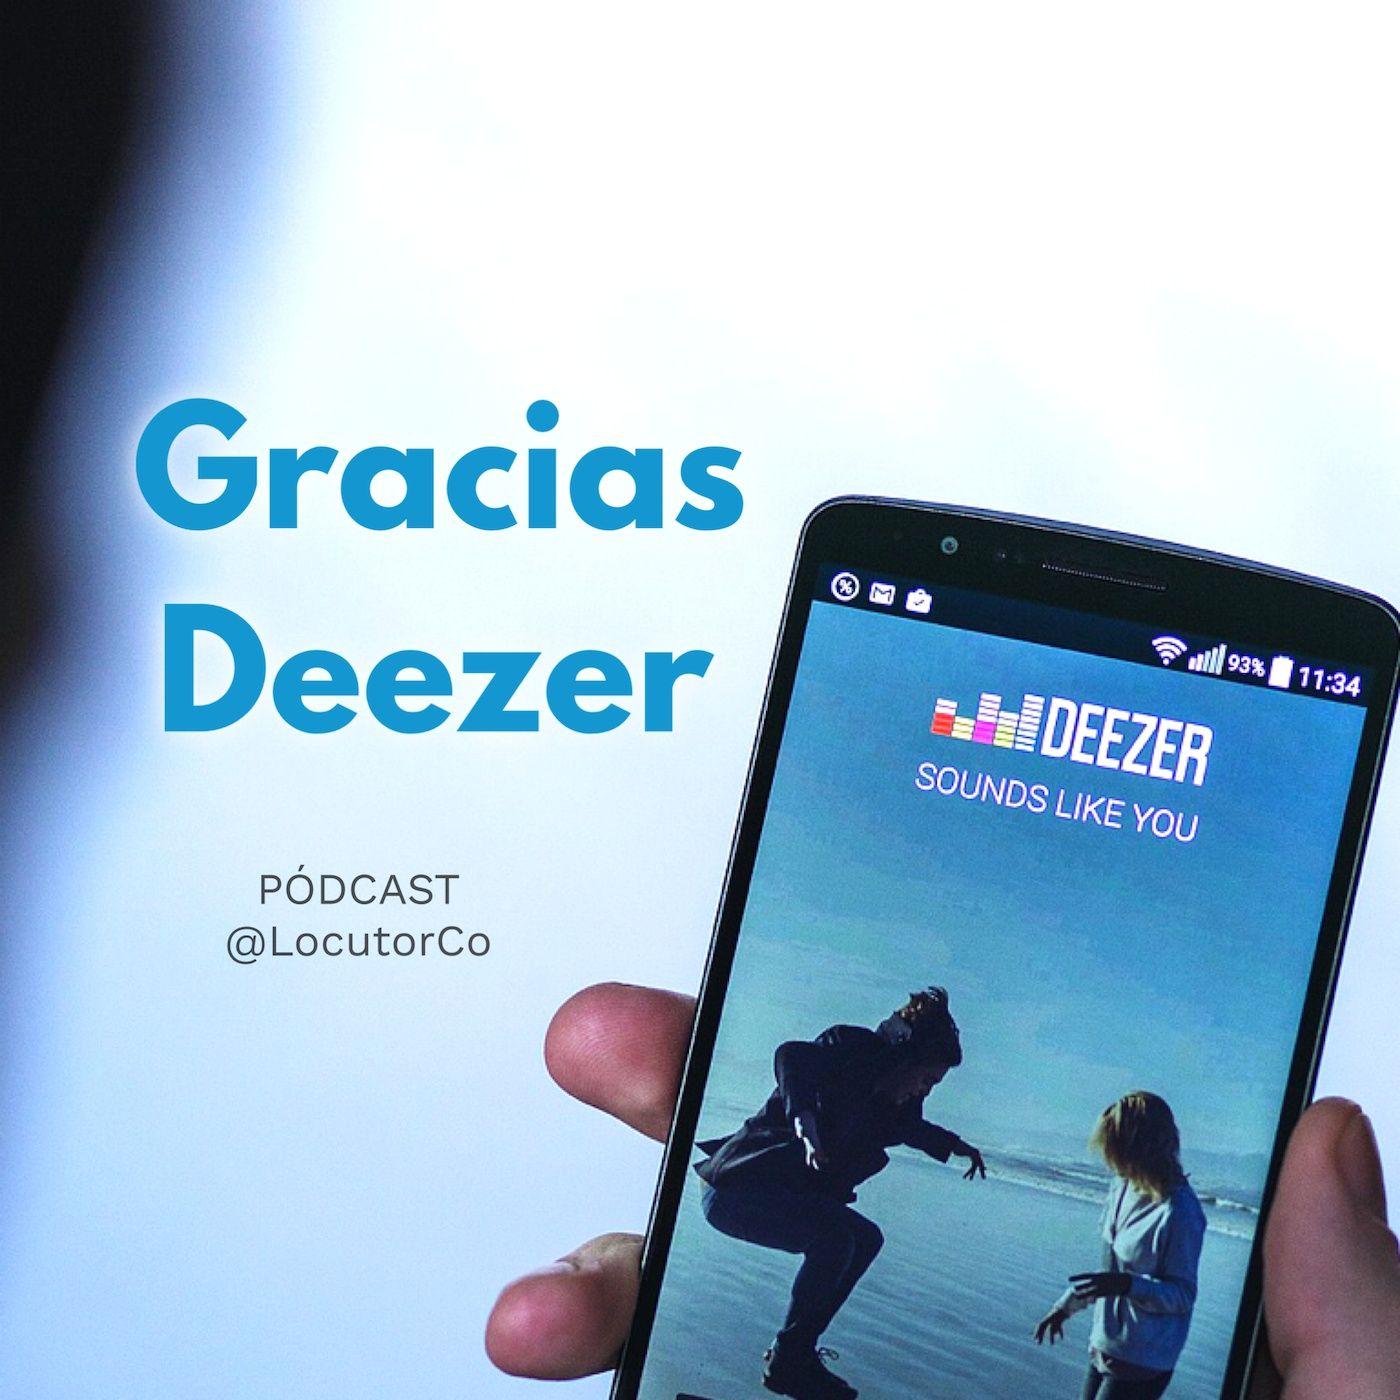 Este podcast en Deezer y Spotify ¡Gracias!